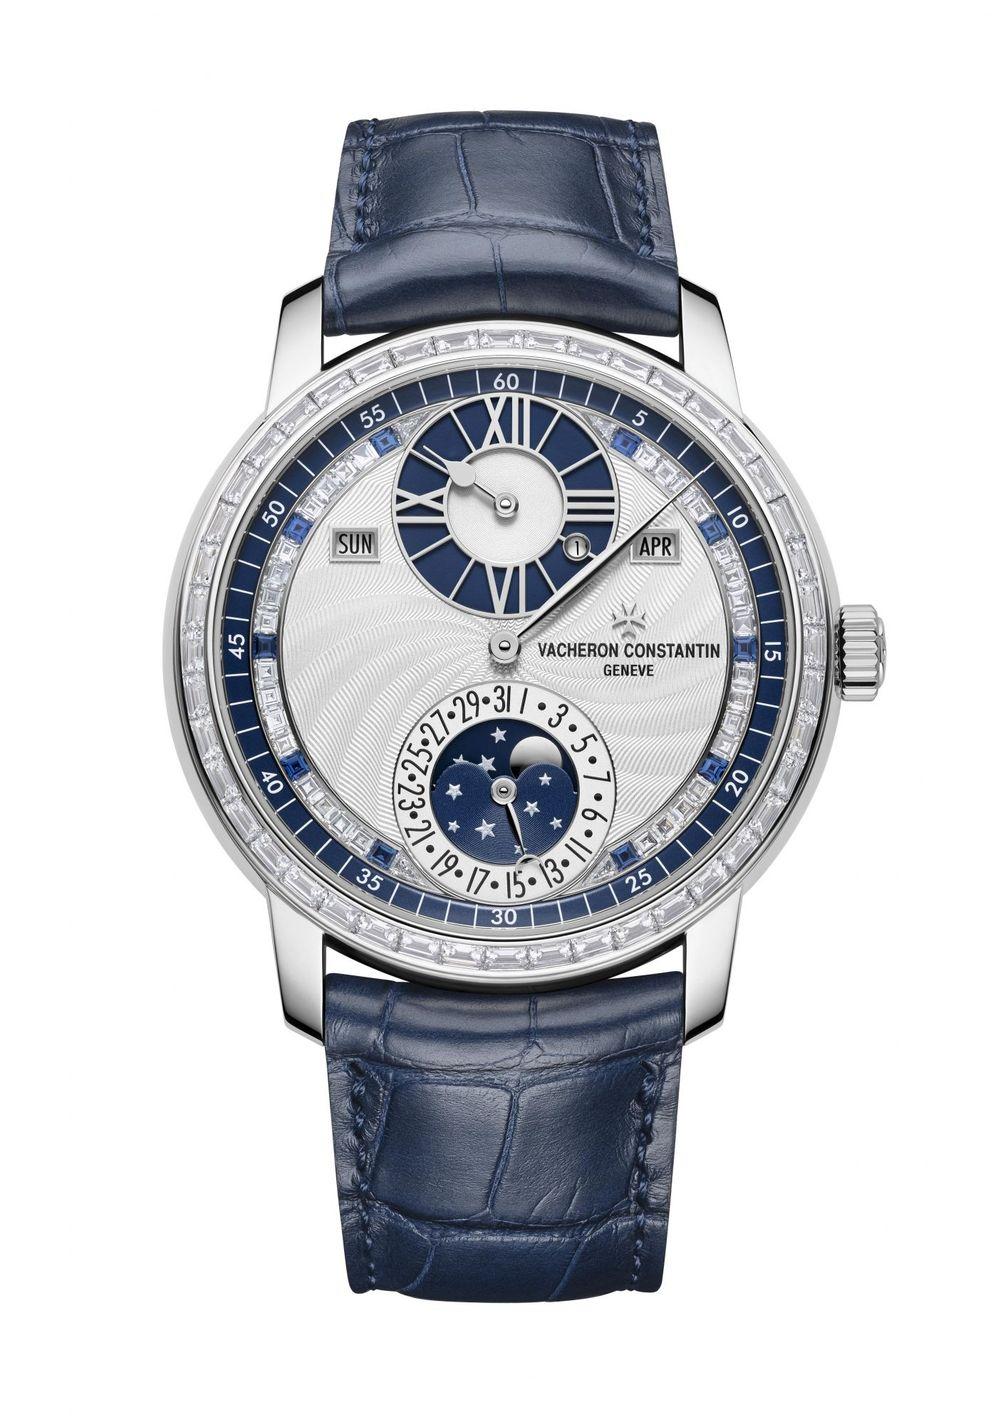 «Watches & Wonders 2021»: 5 потрясающих часов, единственных в своем роде